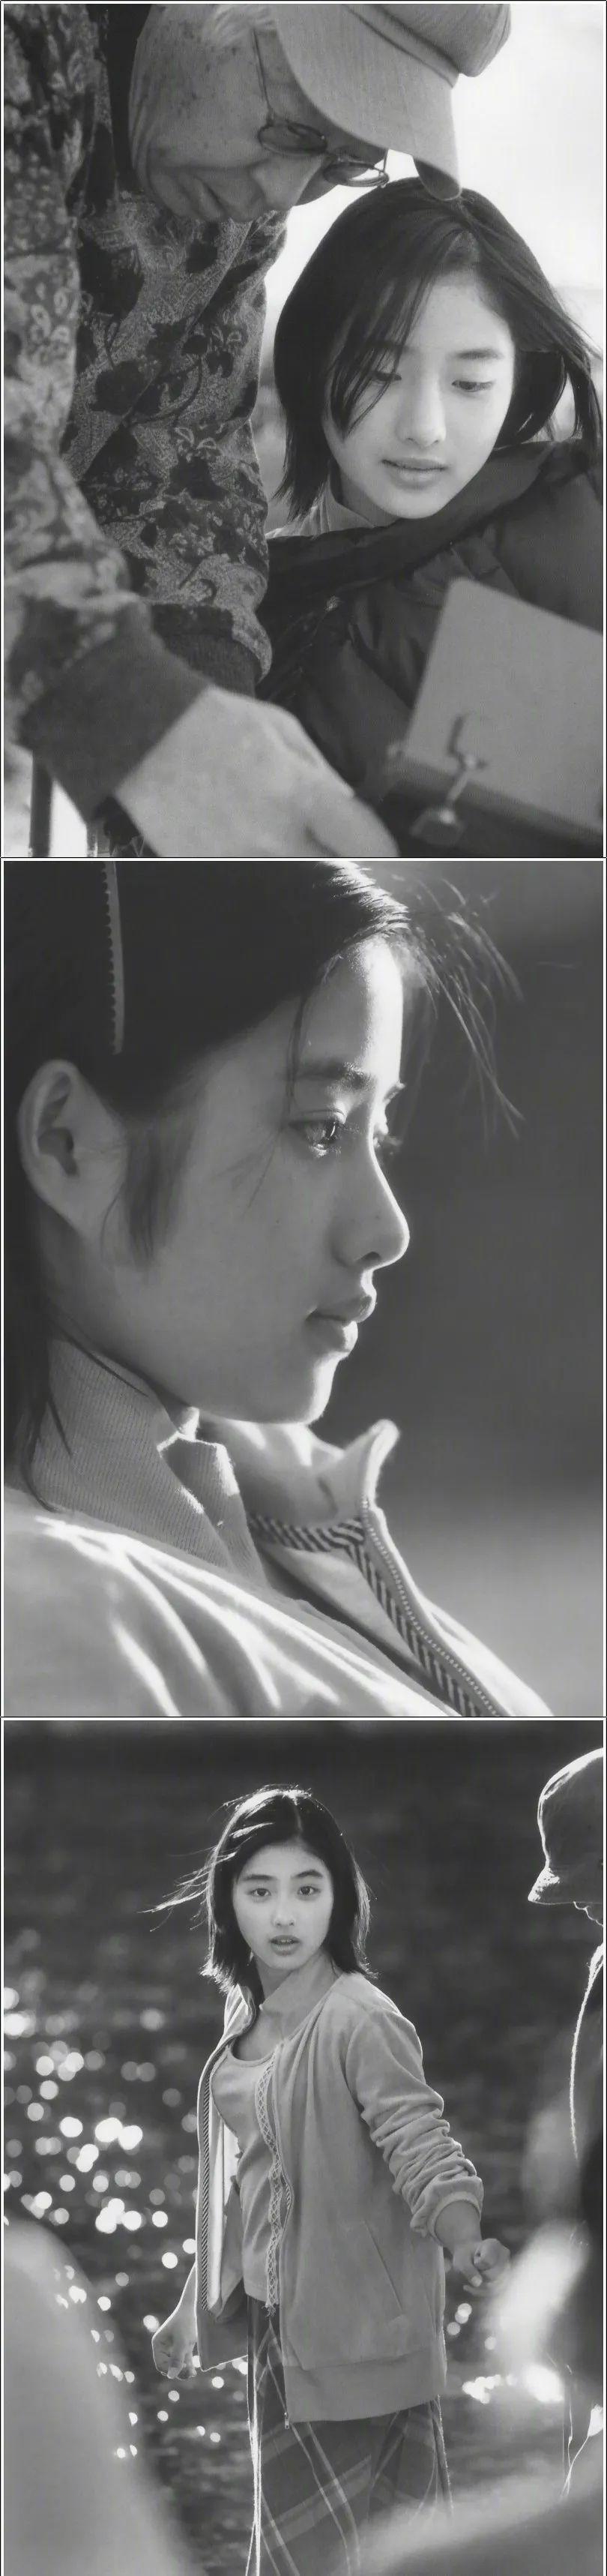 石原里美 16岁时的写真_图片 No.6